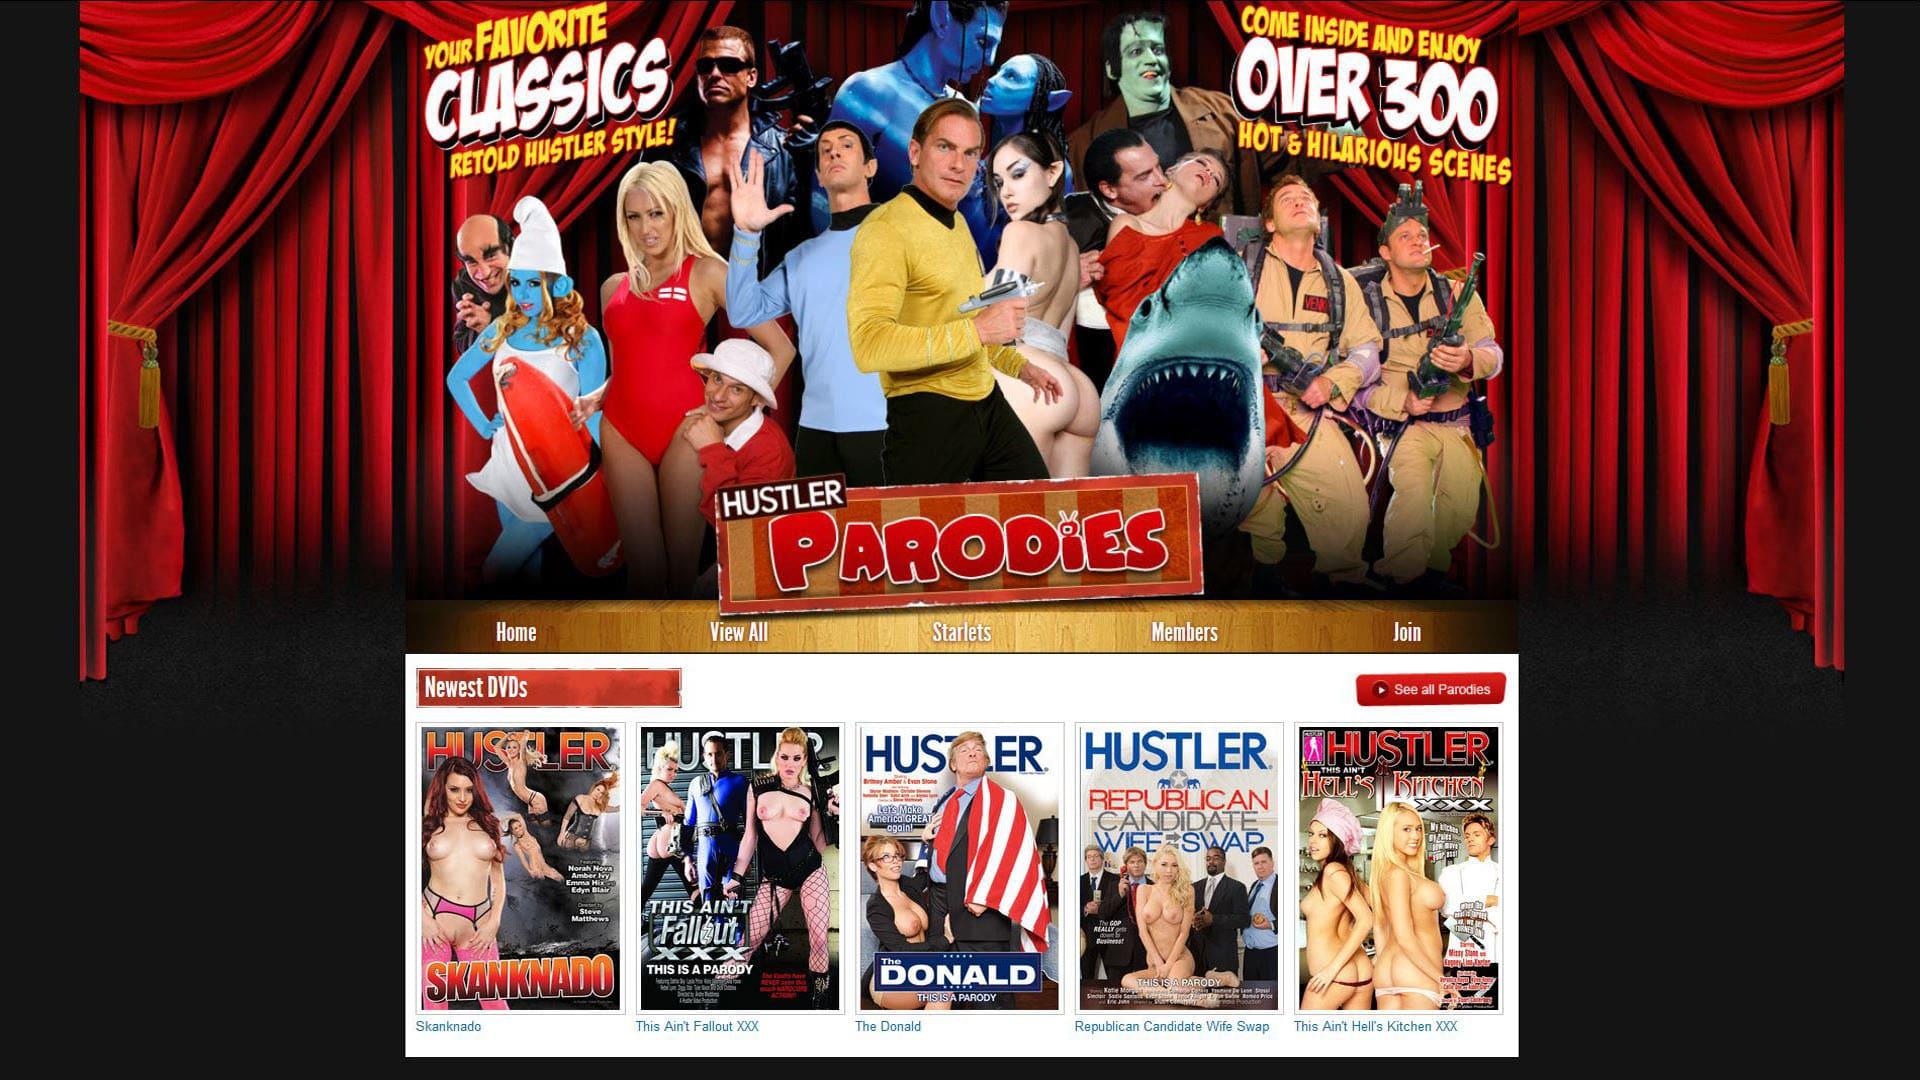 Hustlerparodies Homepage